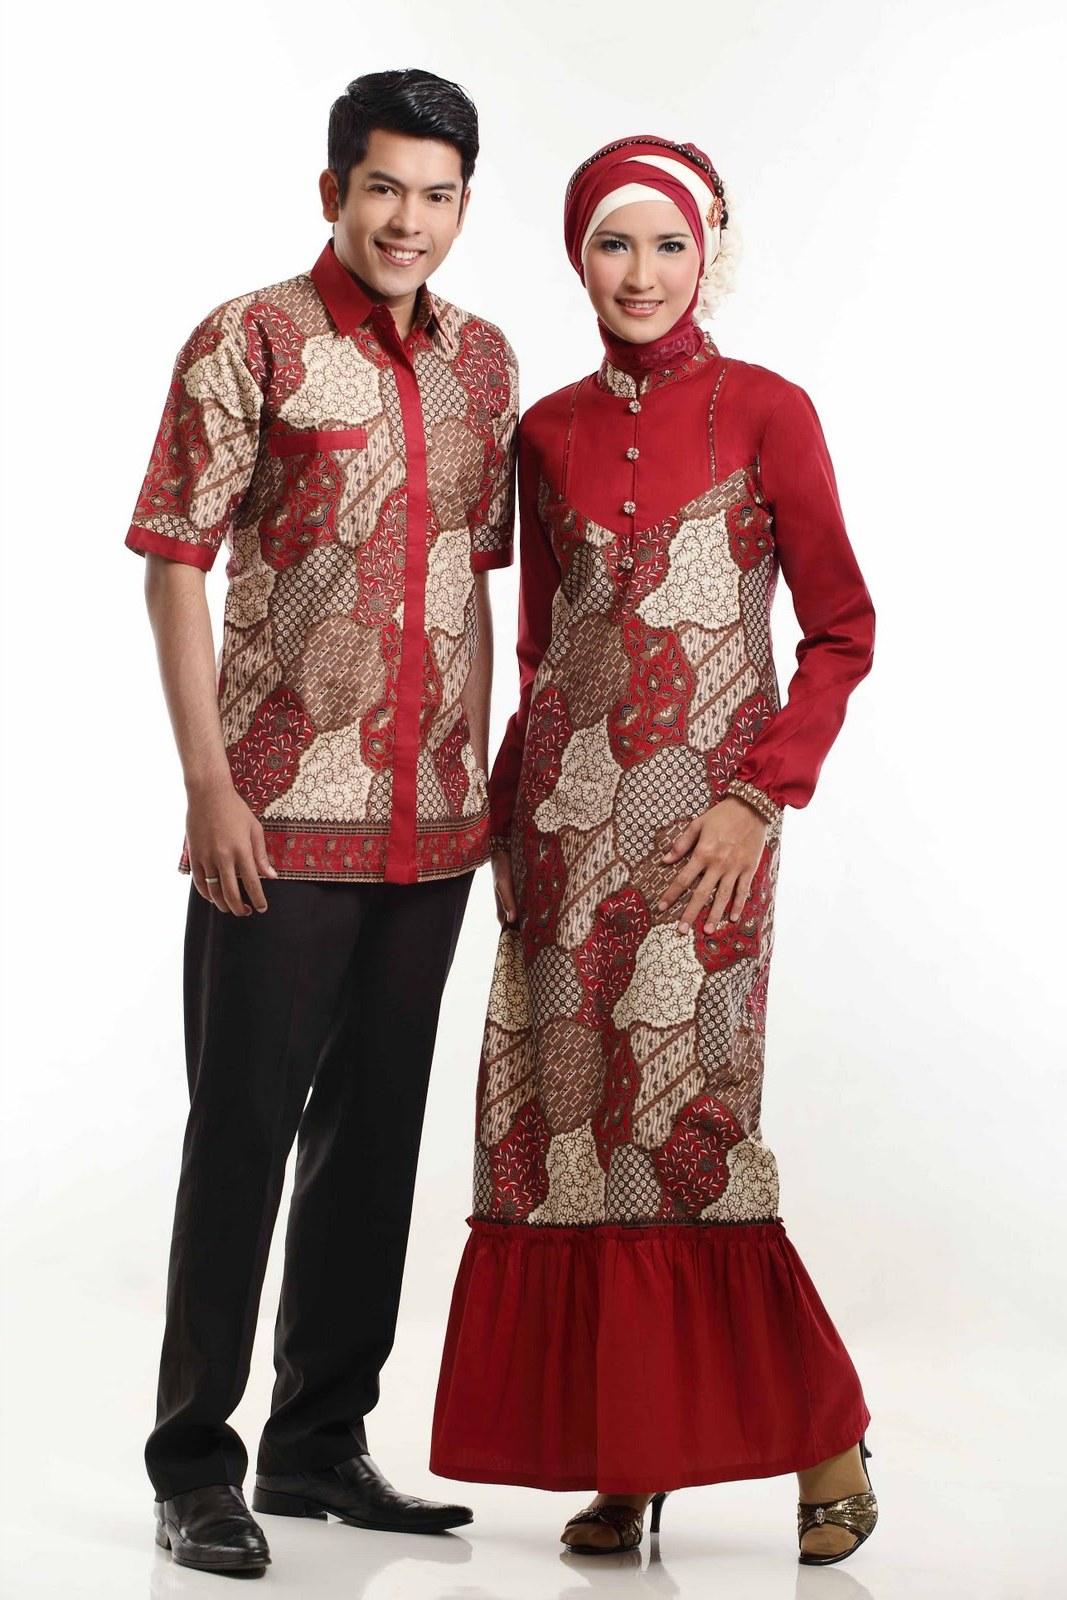 Ide Foto Baju Lebaran Terbaru Q0d4 Bintang anda Trend Model Baju Batik Lebaran Terbaru 2013